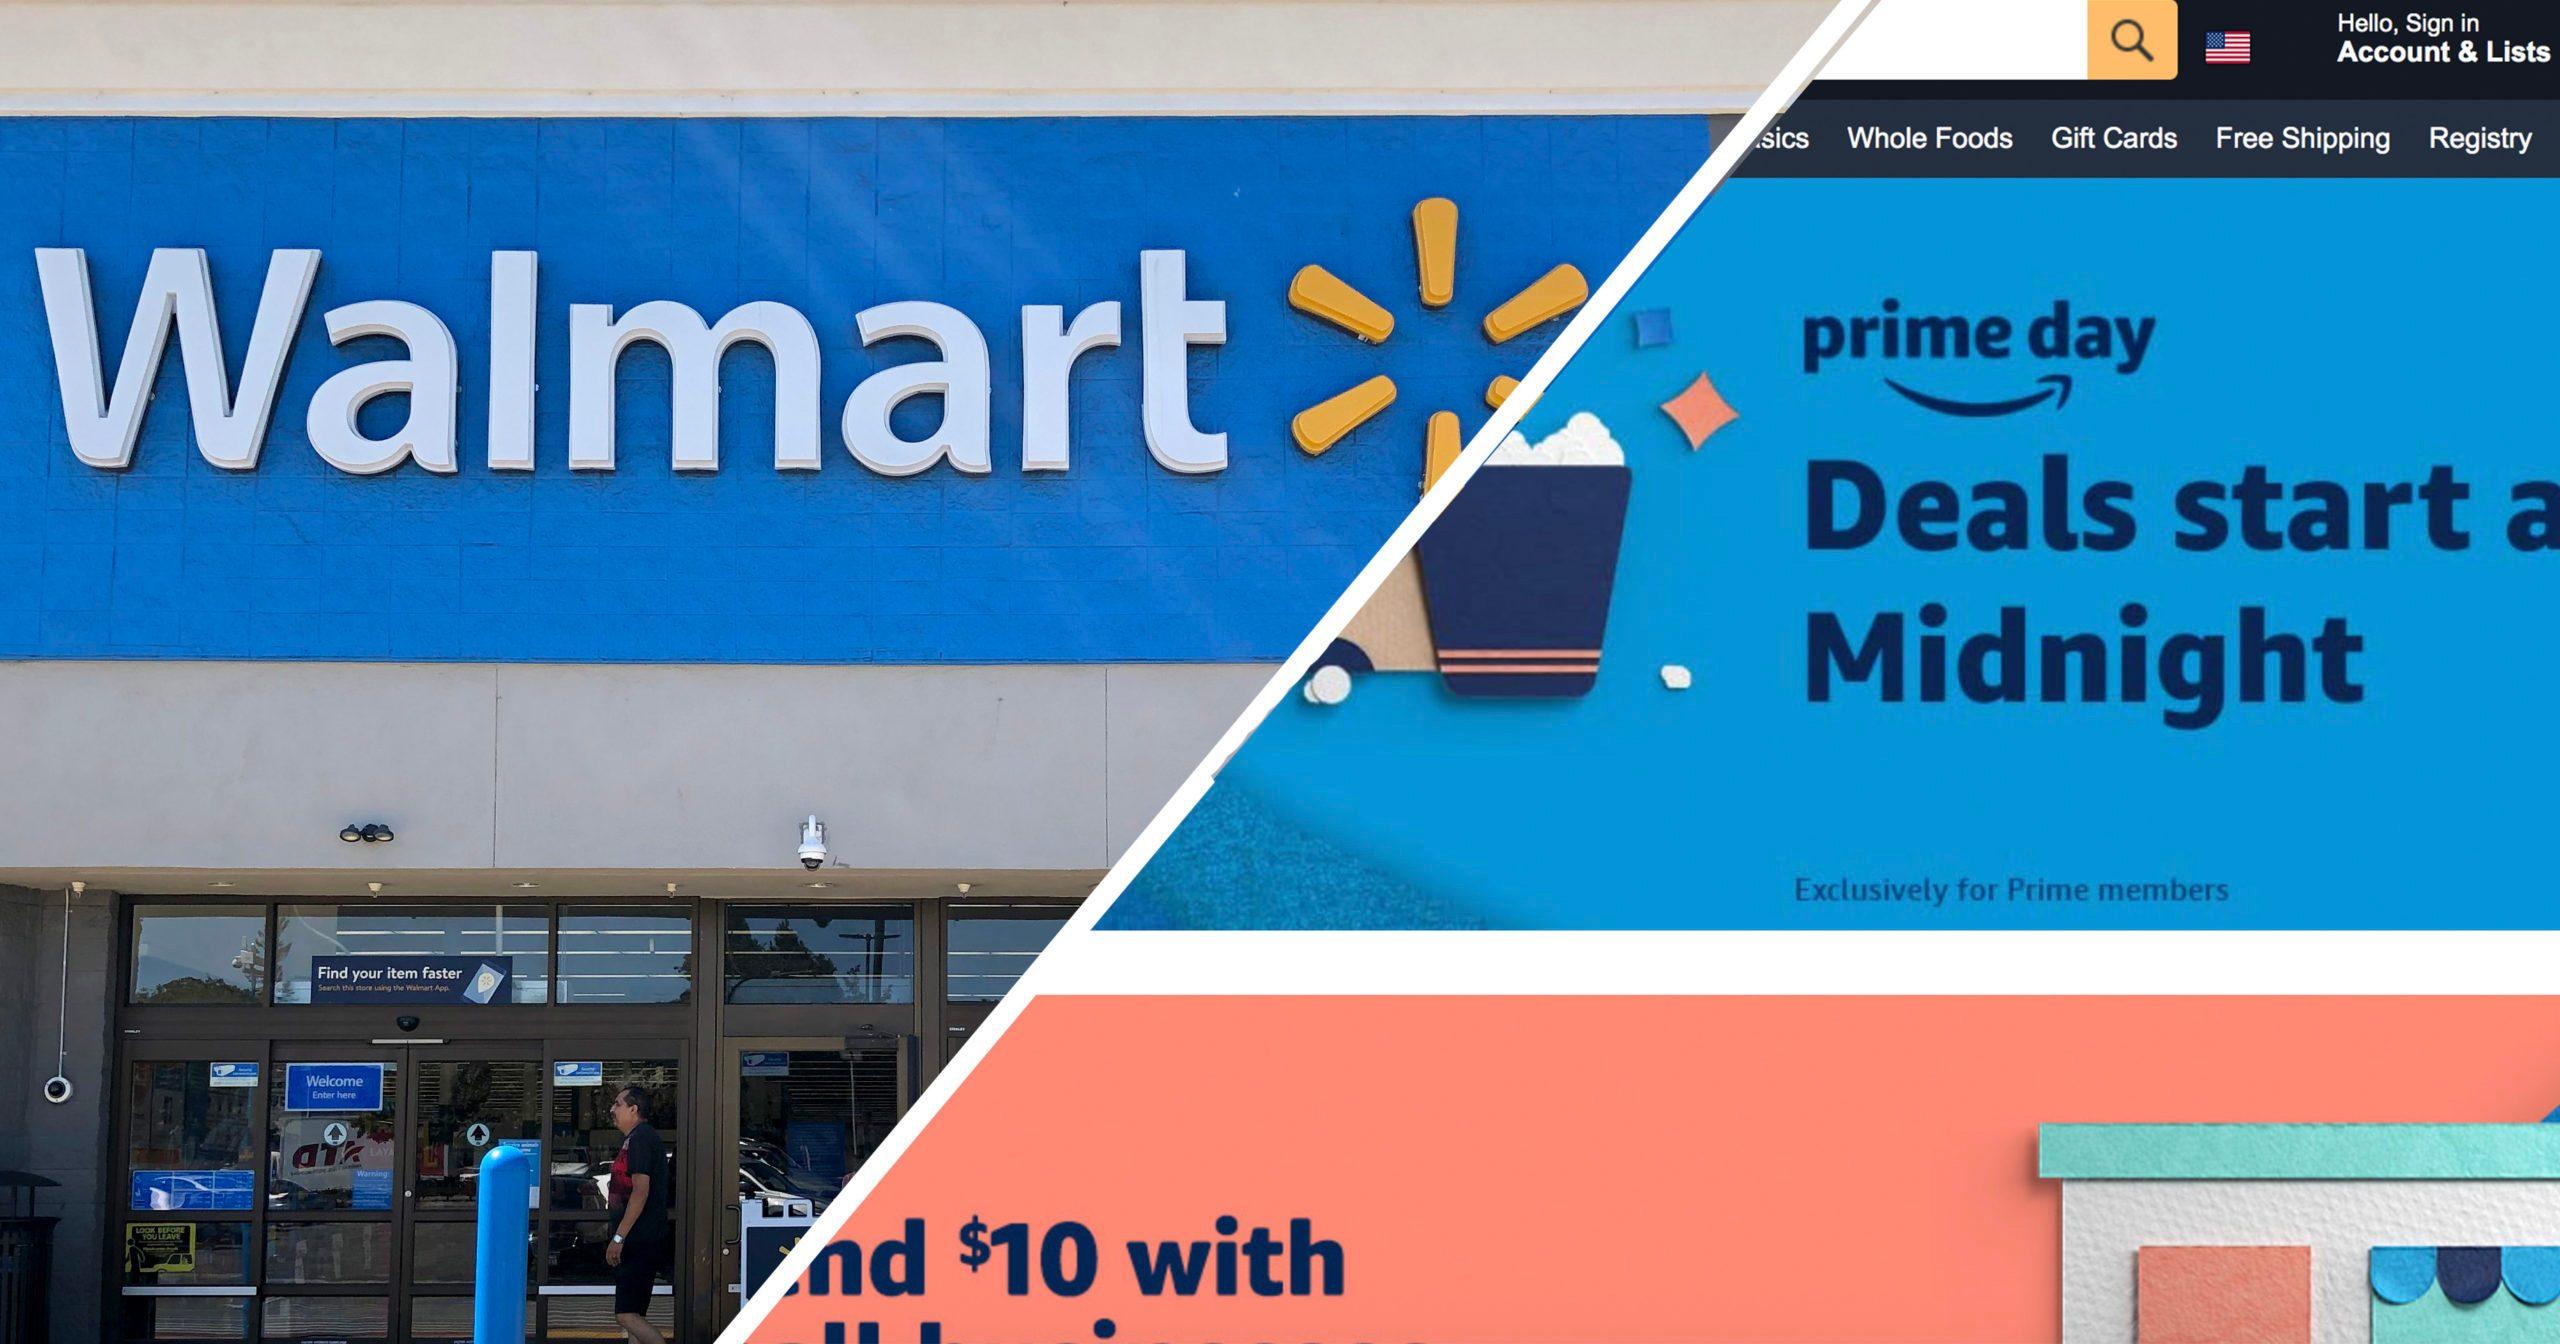 Amazon Vs Walmart Which Retailer Has Better Deals